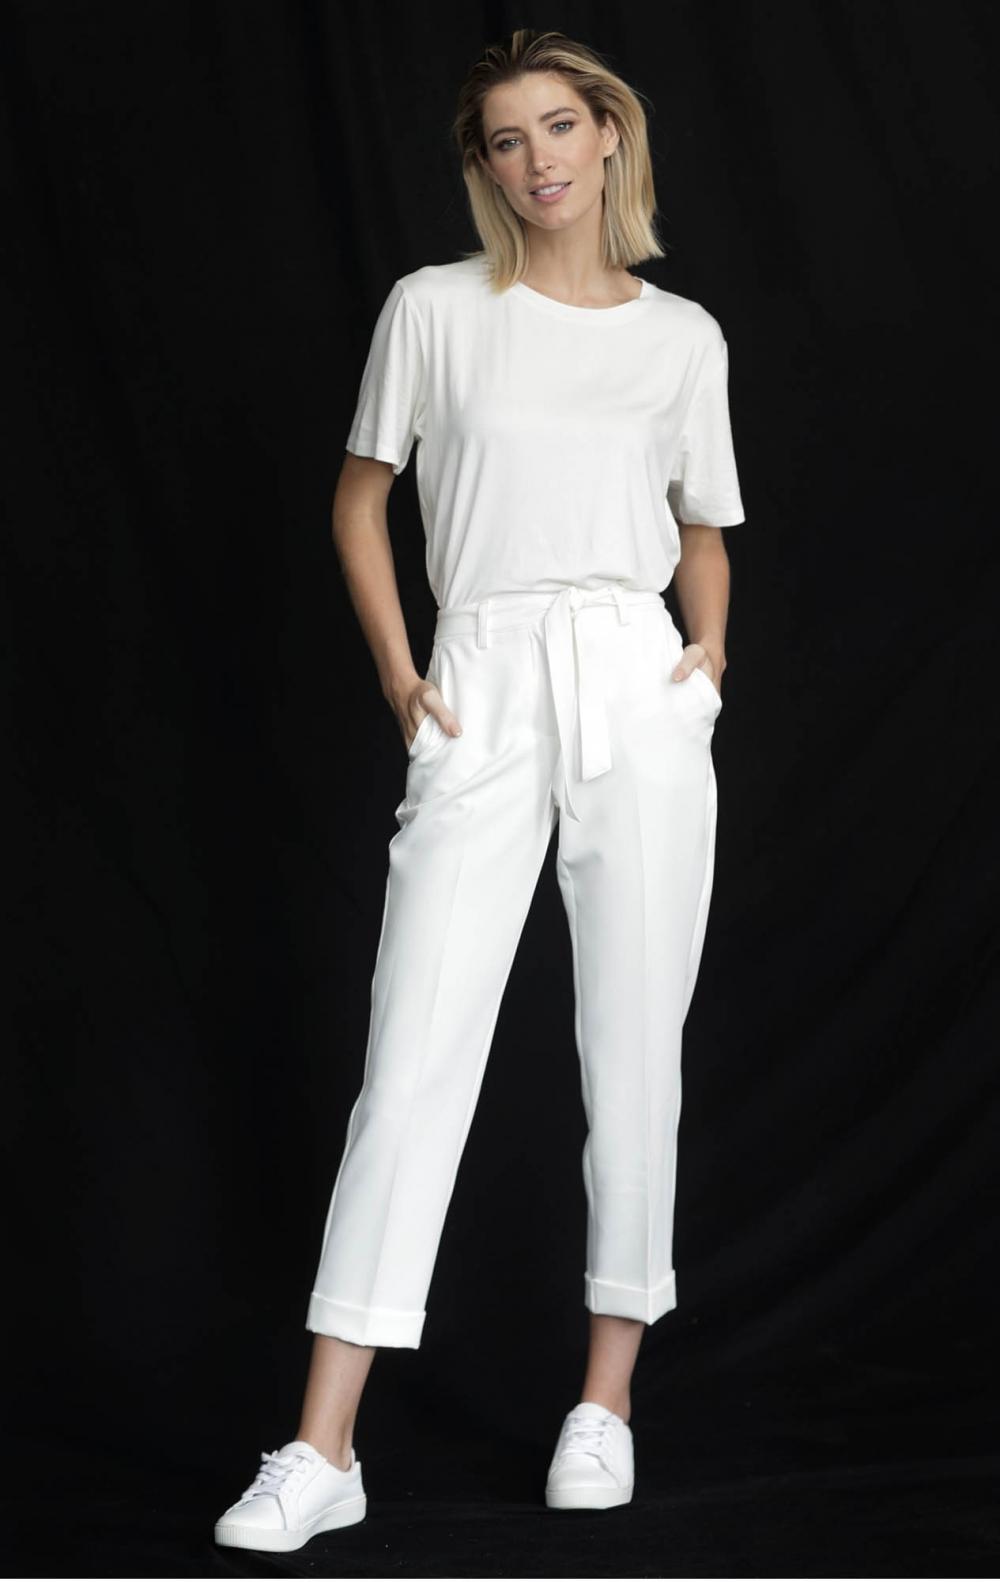 T-Shirt CB Viscocrepe Off White  - Foto 2